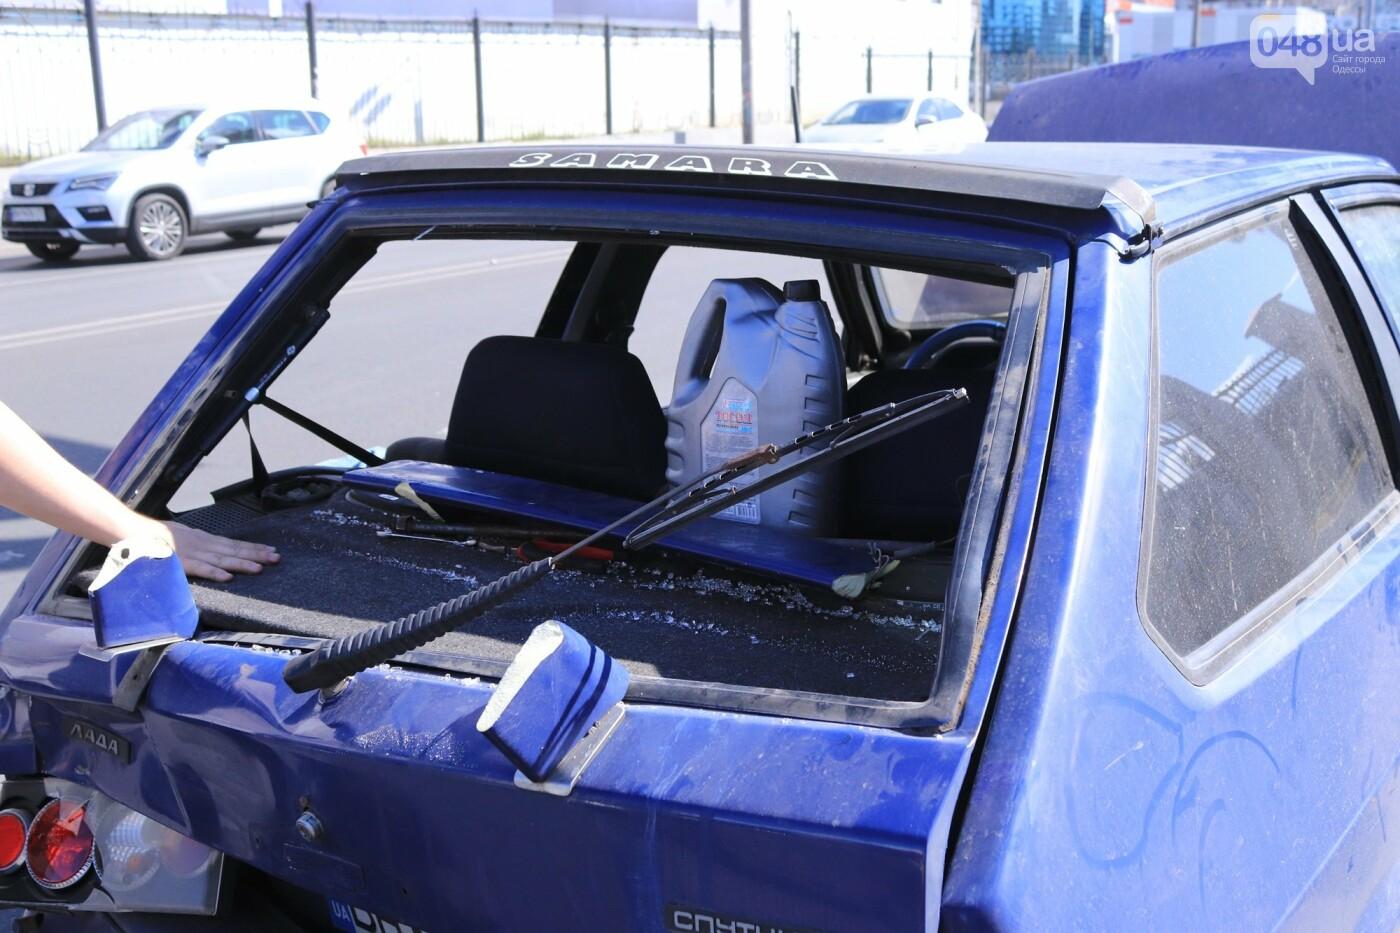 Могли взорваться: в Одессе КАМАЗ протаранил на светофоре легковушку с баллоном газа в багажнике, - ФОТО , фото-5